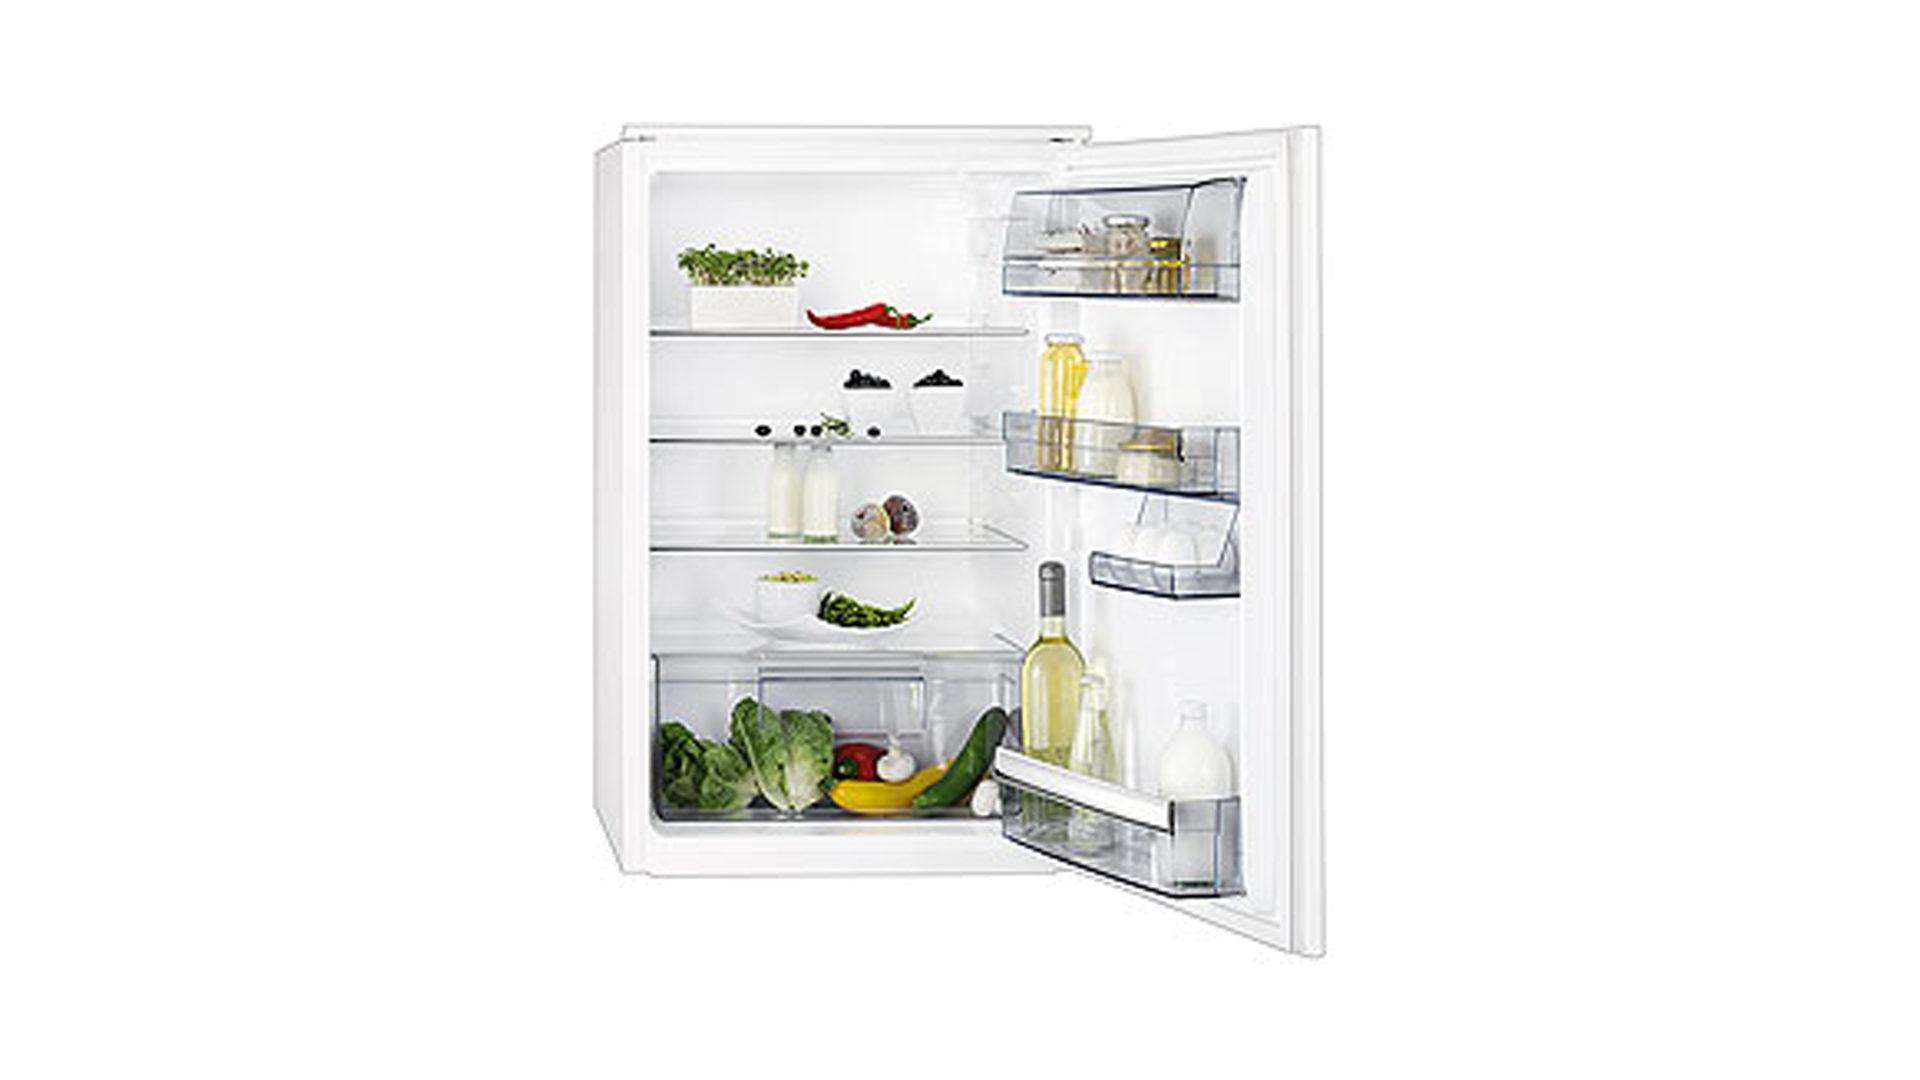 Aeg Kühlschrank Ohne Gefrierfach : Aeg kühlschrank mit gefrierfach sd884s2 nutzinhalt ca. 123 liter